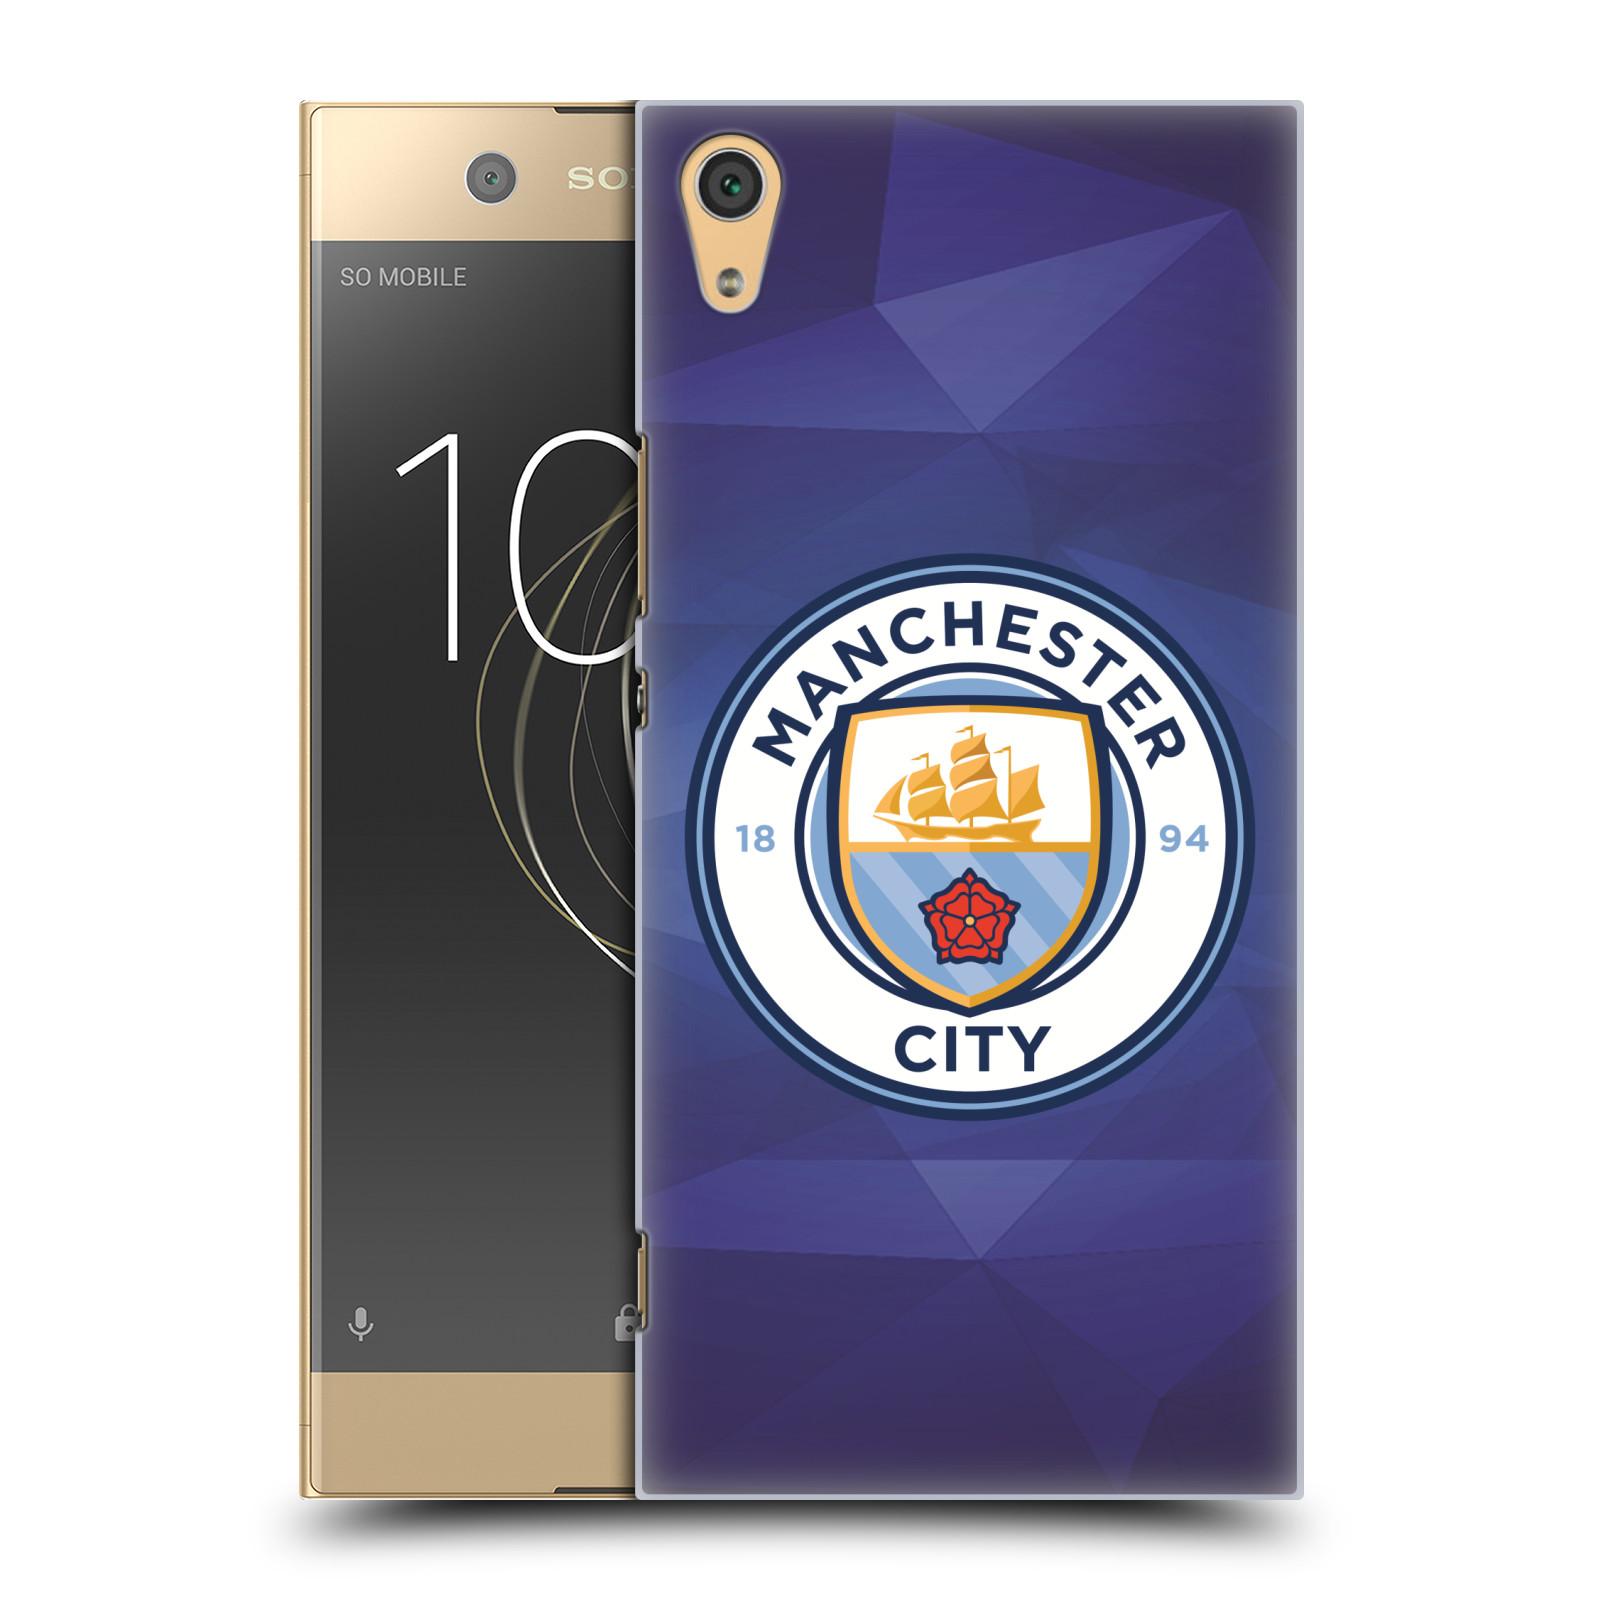 Plastové pouzdro na mobil Sony Xperia XA1 Ultra - Head Case - Manchester City FC - Modré nové logo (Plastový kryt či obal na mobilní telefon Sony Xperia XA1 Ultra G3221 s motivem Manchester City FC - Modré nové logo)